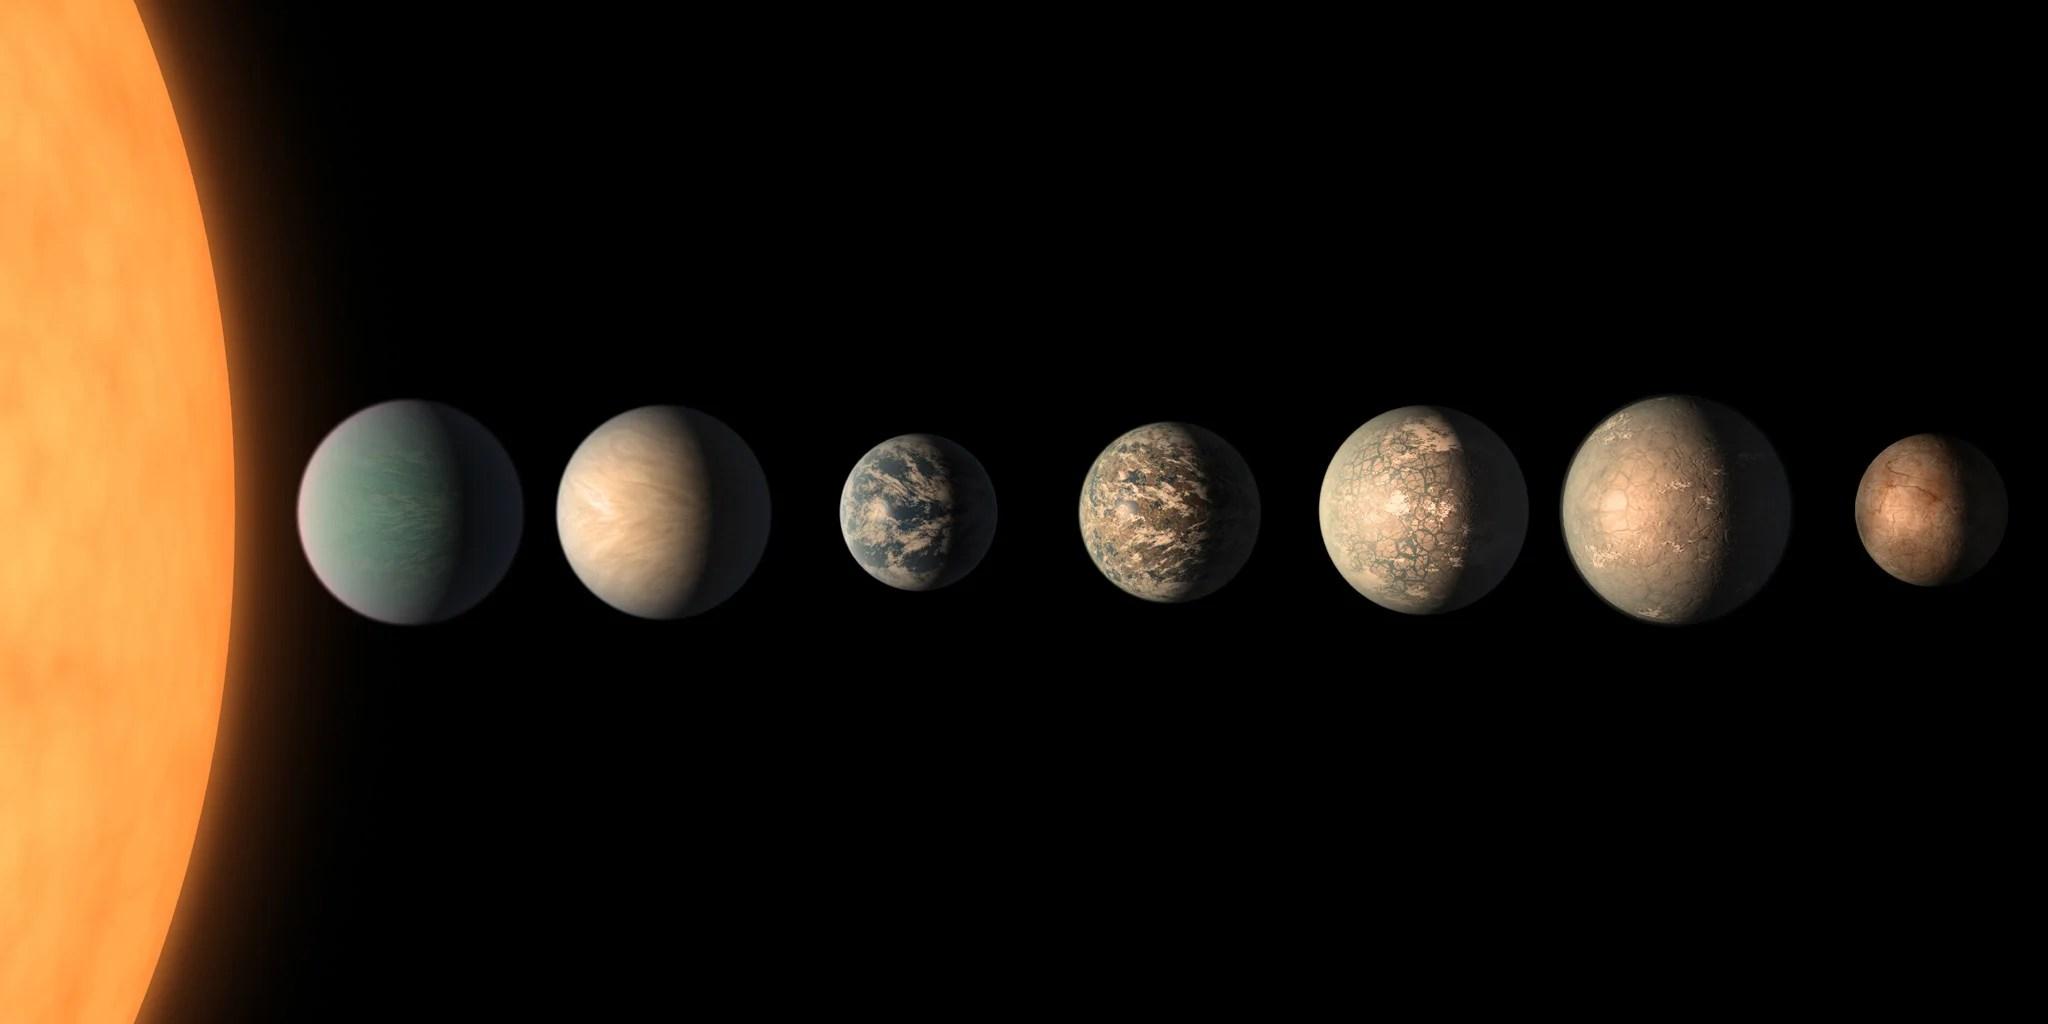 Los Planetas De Trappist 1 Aportan Pistas Acerca De La